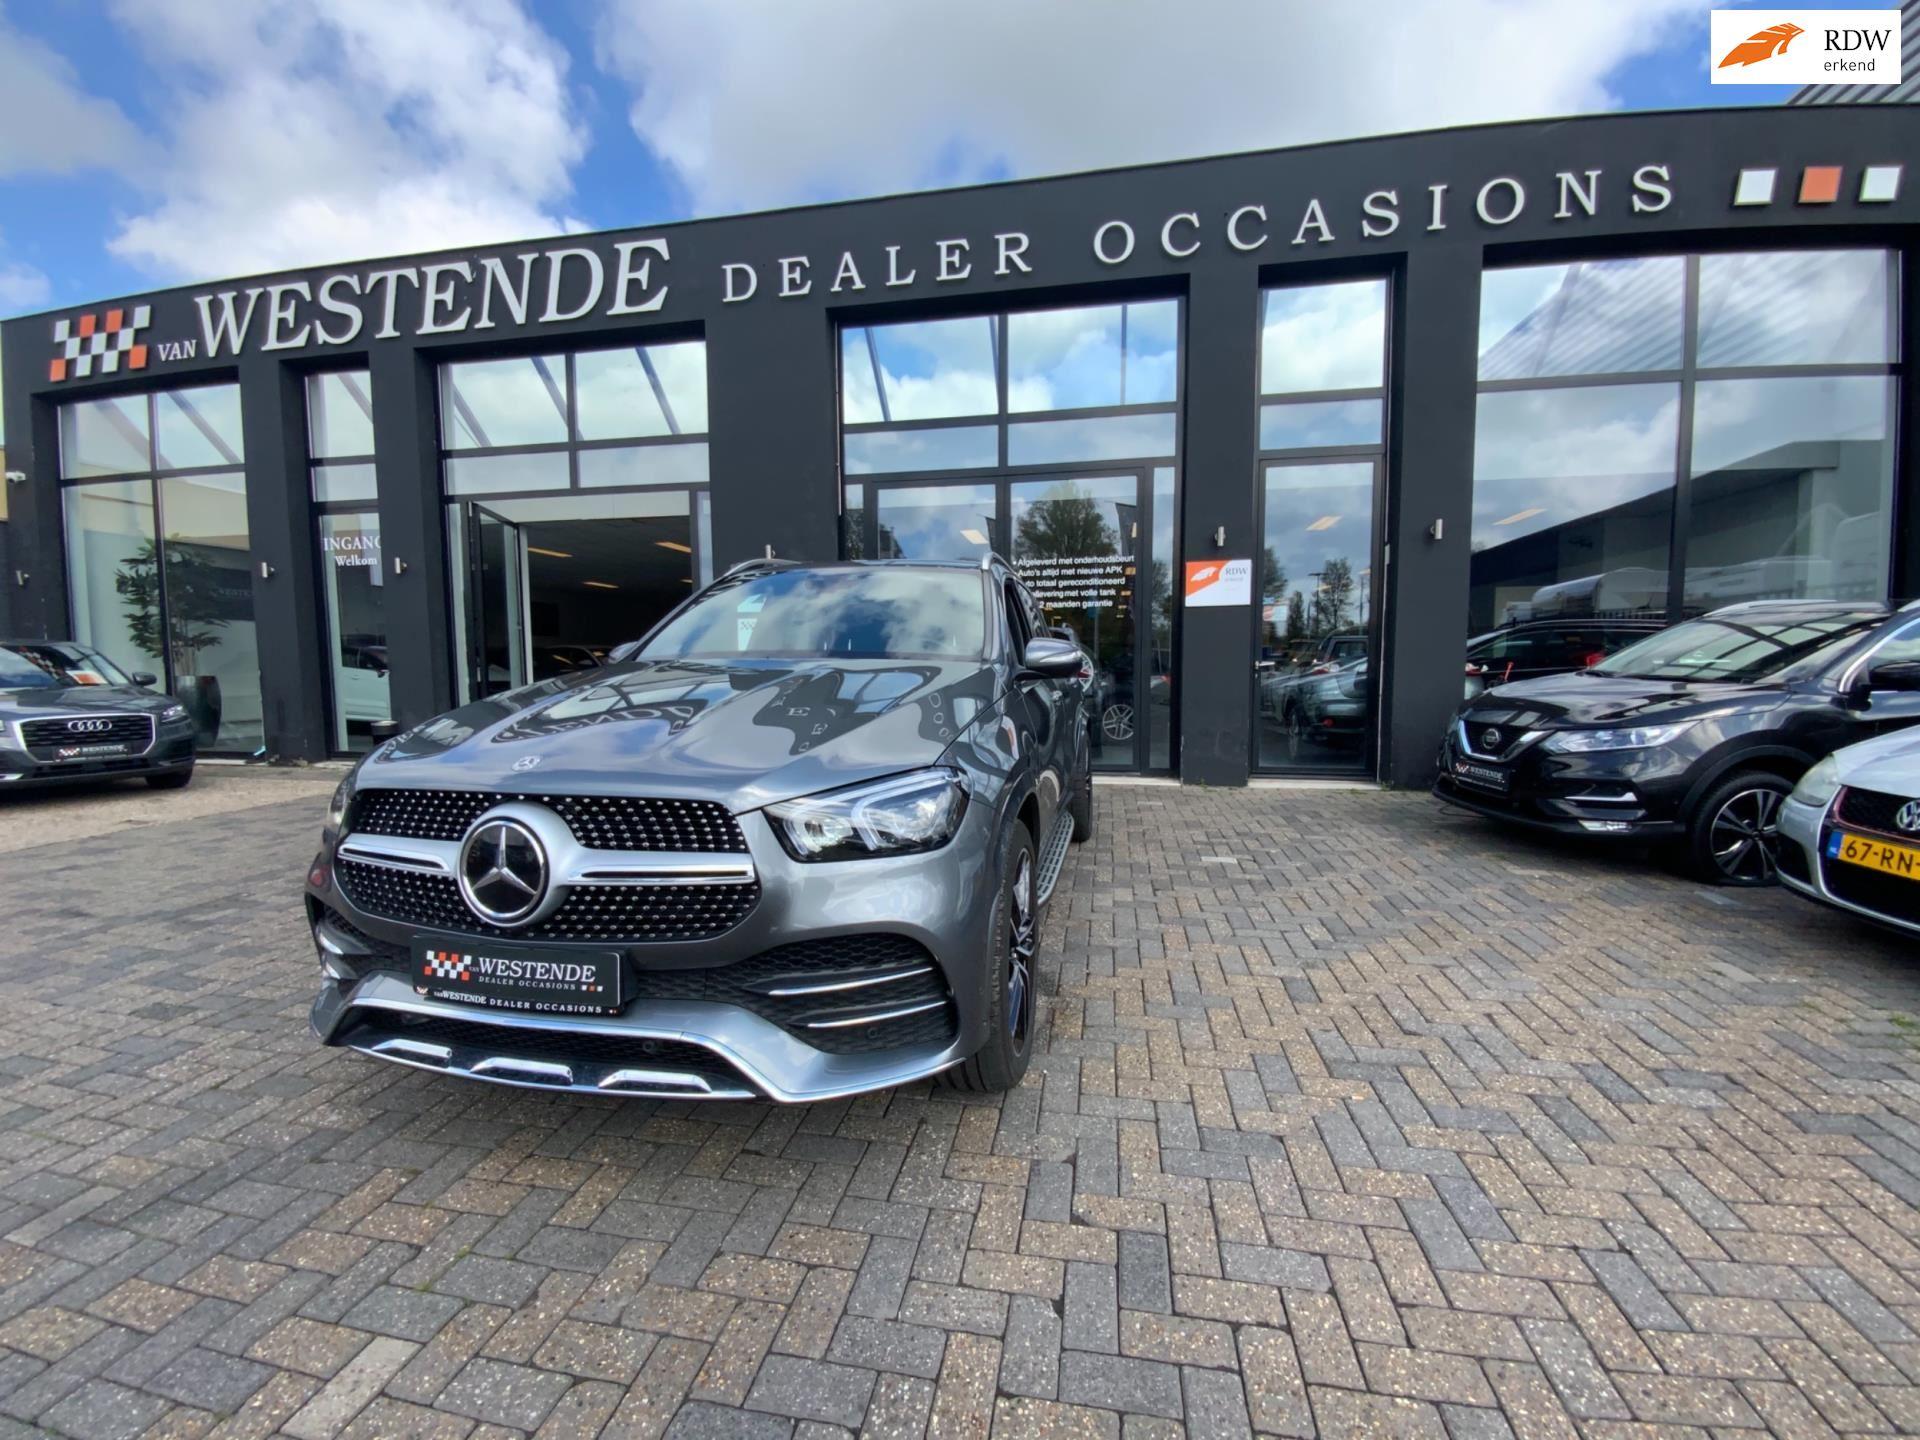 Mercedes-Benz GLE-klasse occasion - Van Westende Dealeroccasions